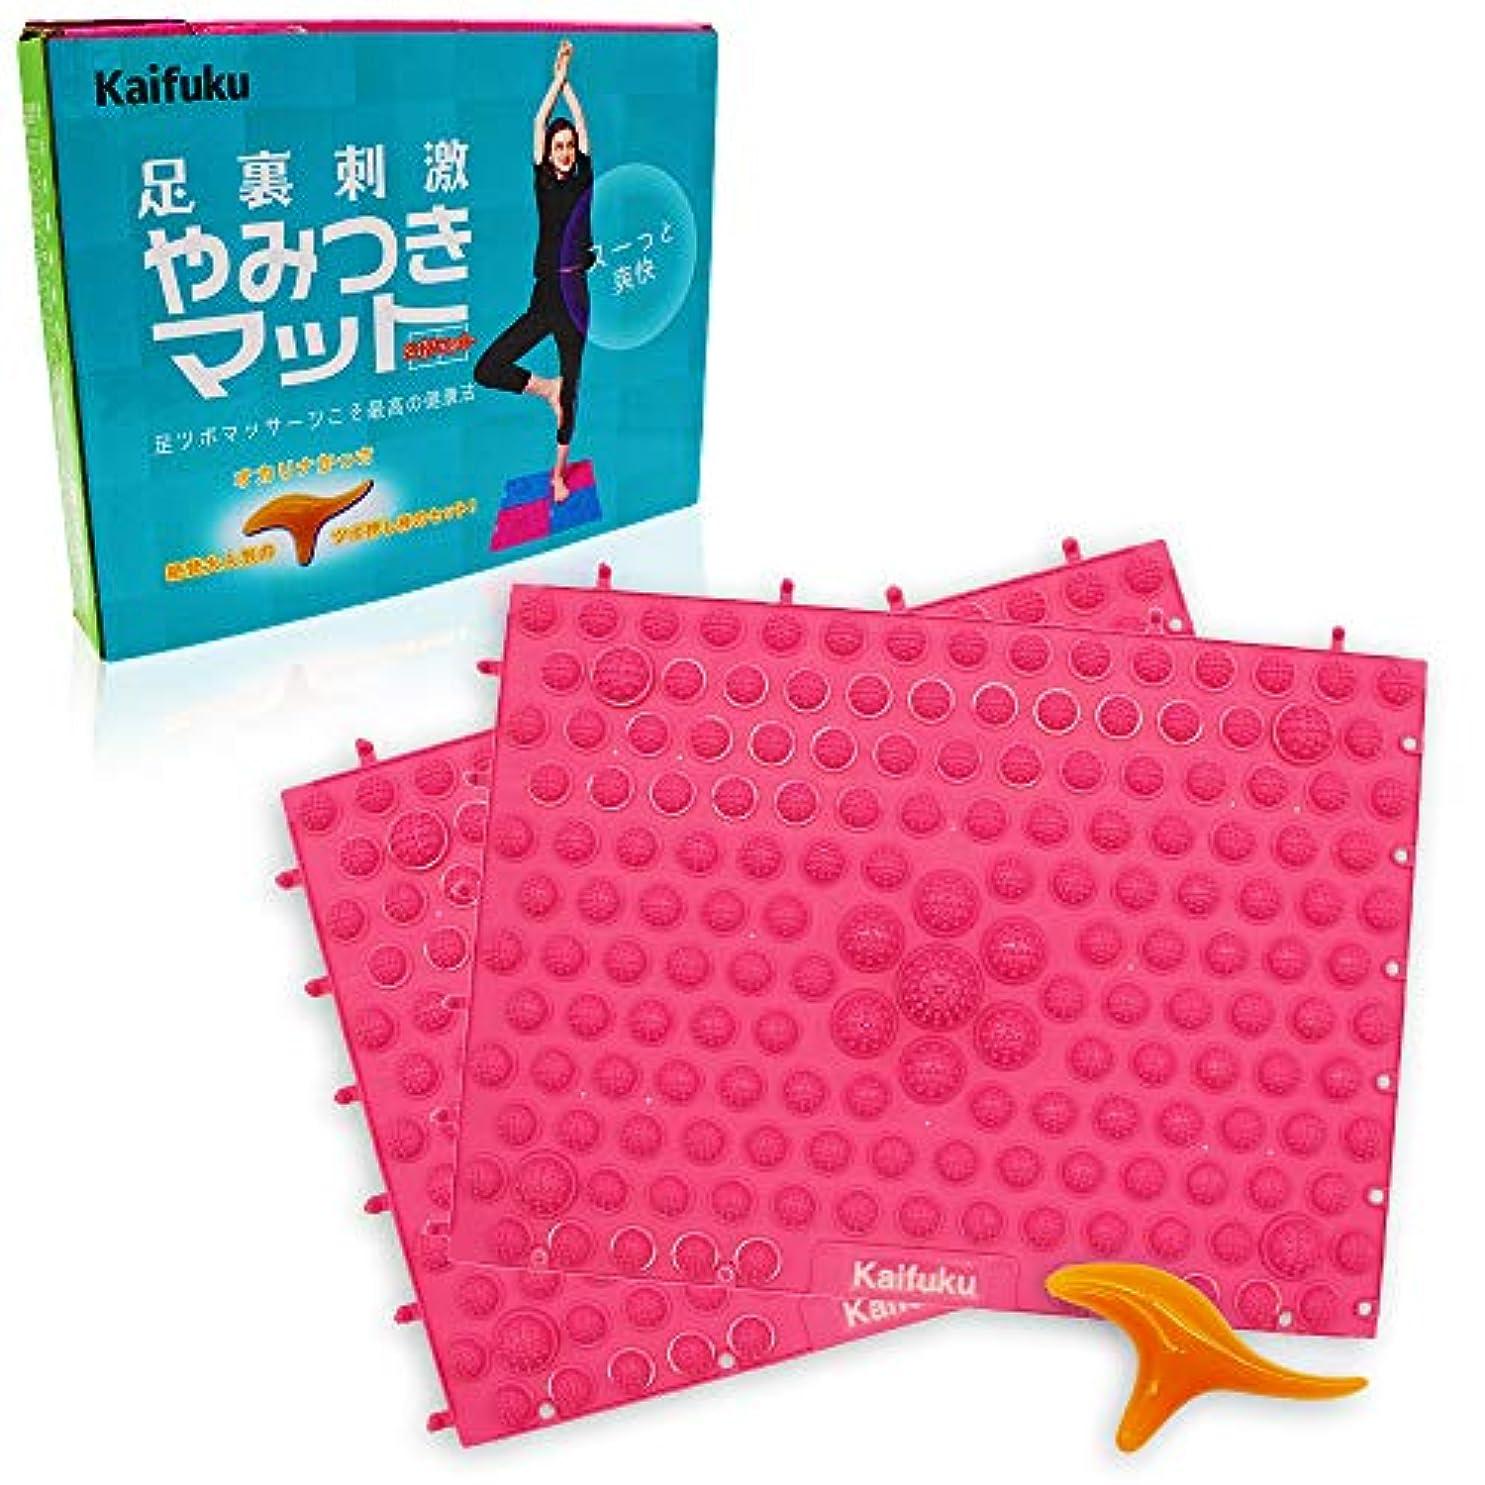 窓左許すkaifuku 足つぼマット 足つぼ 足裏マッサージ 足つぼマッサージ ツボ押し棒 2枚セット (ピンク)